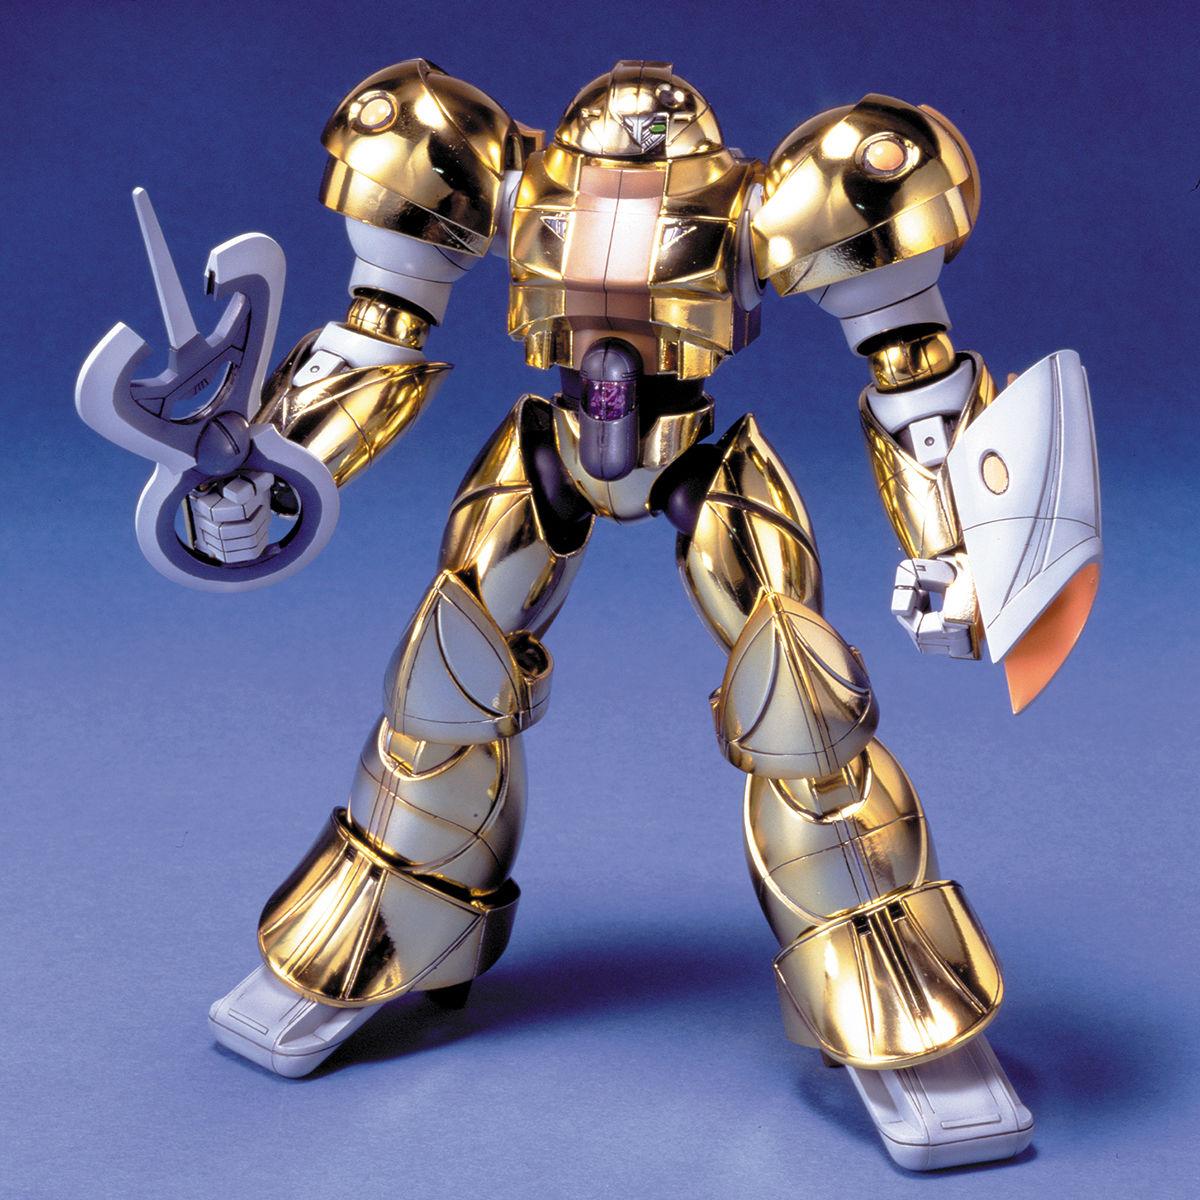 876571/100 MRC-F20 モビルスモー/ゴールドタイプ [Mobile Sumo Gold Type]